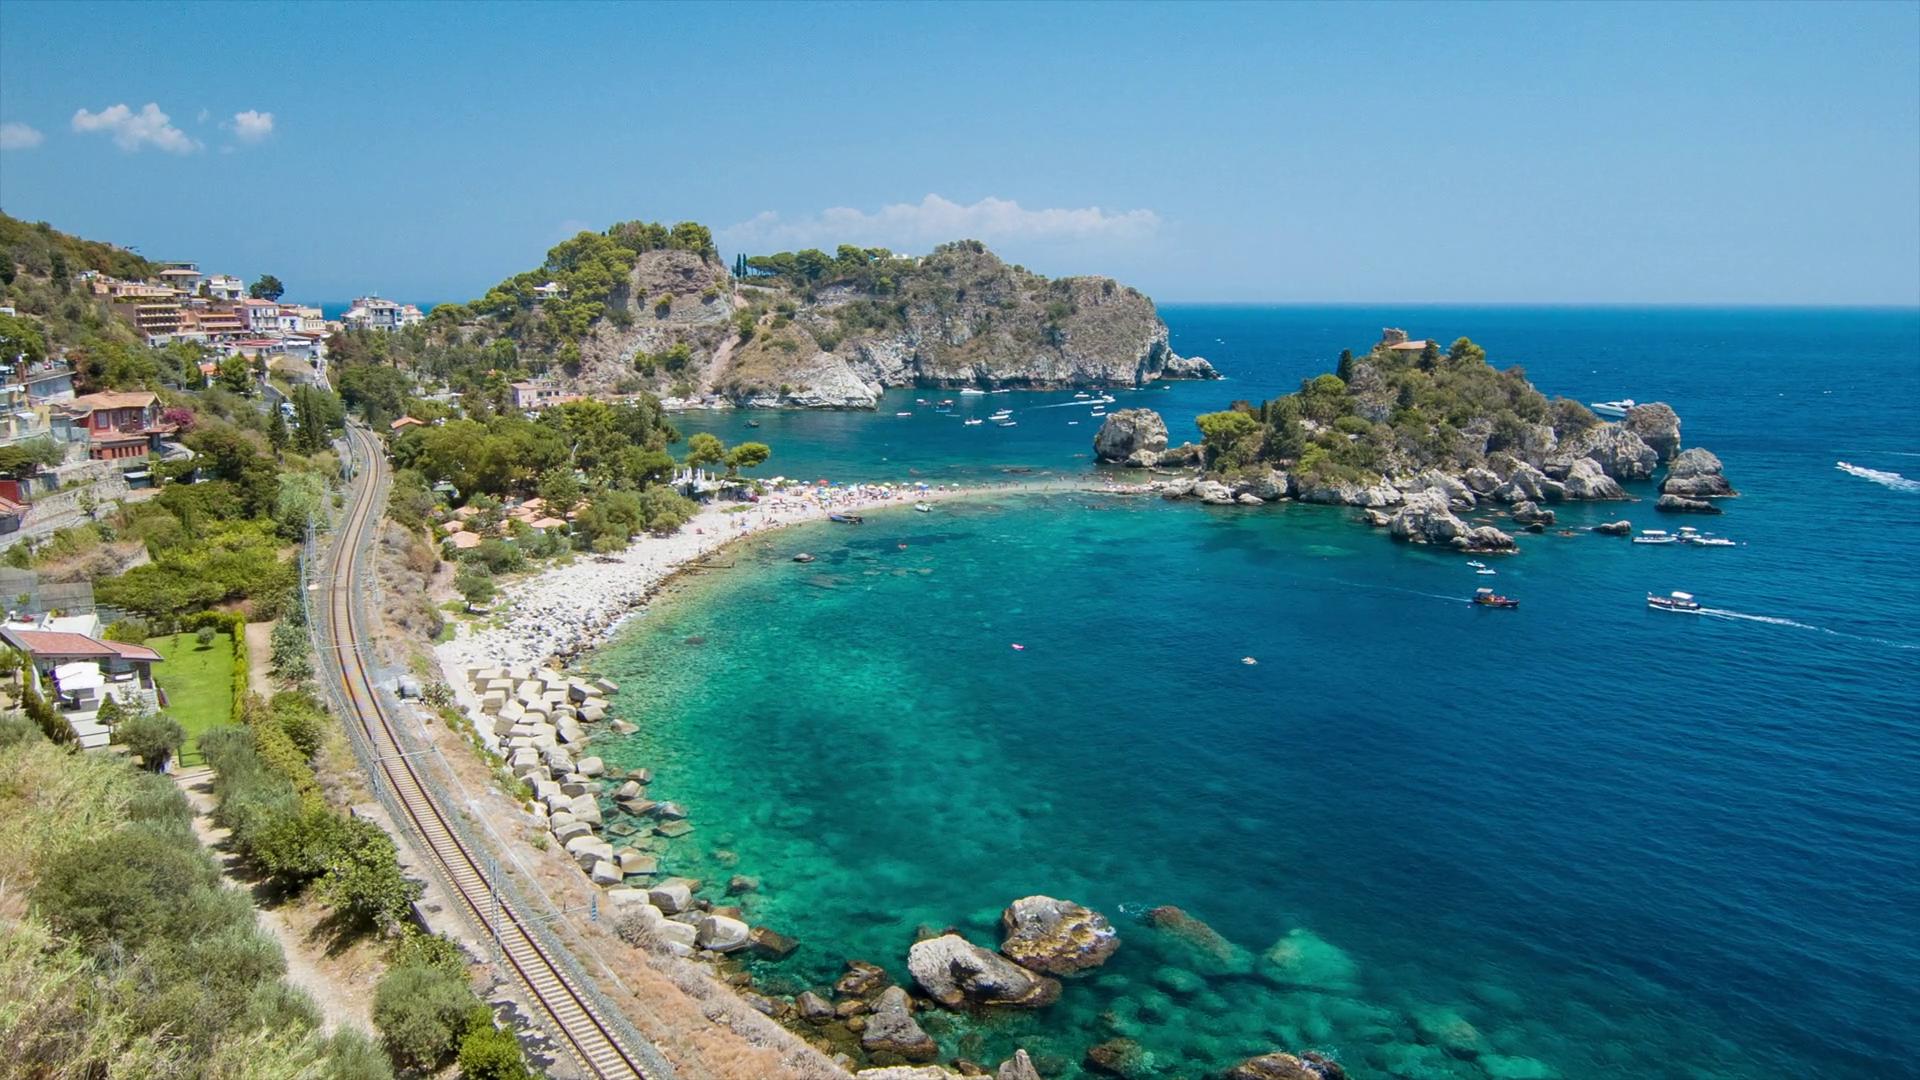 Viajar a Islas: Viajar a Sicilia